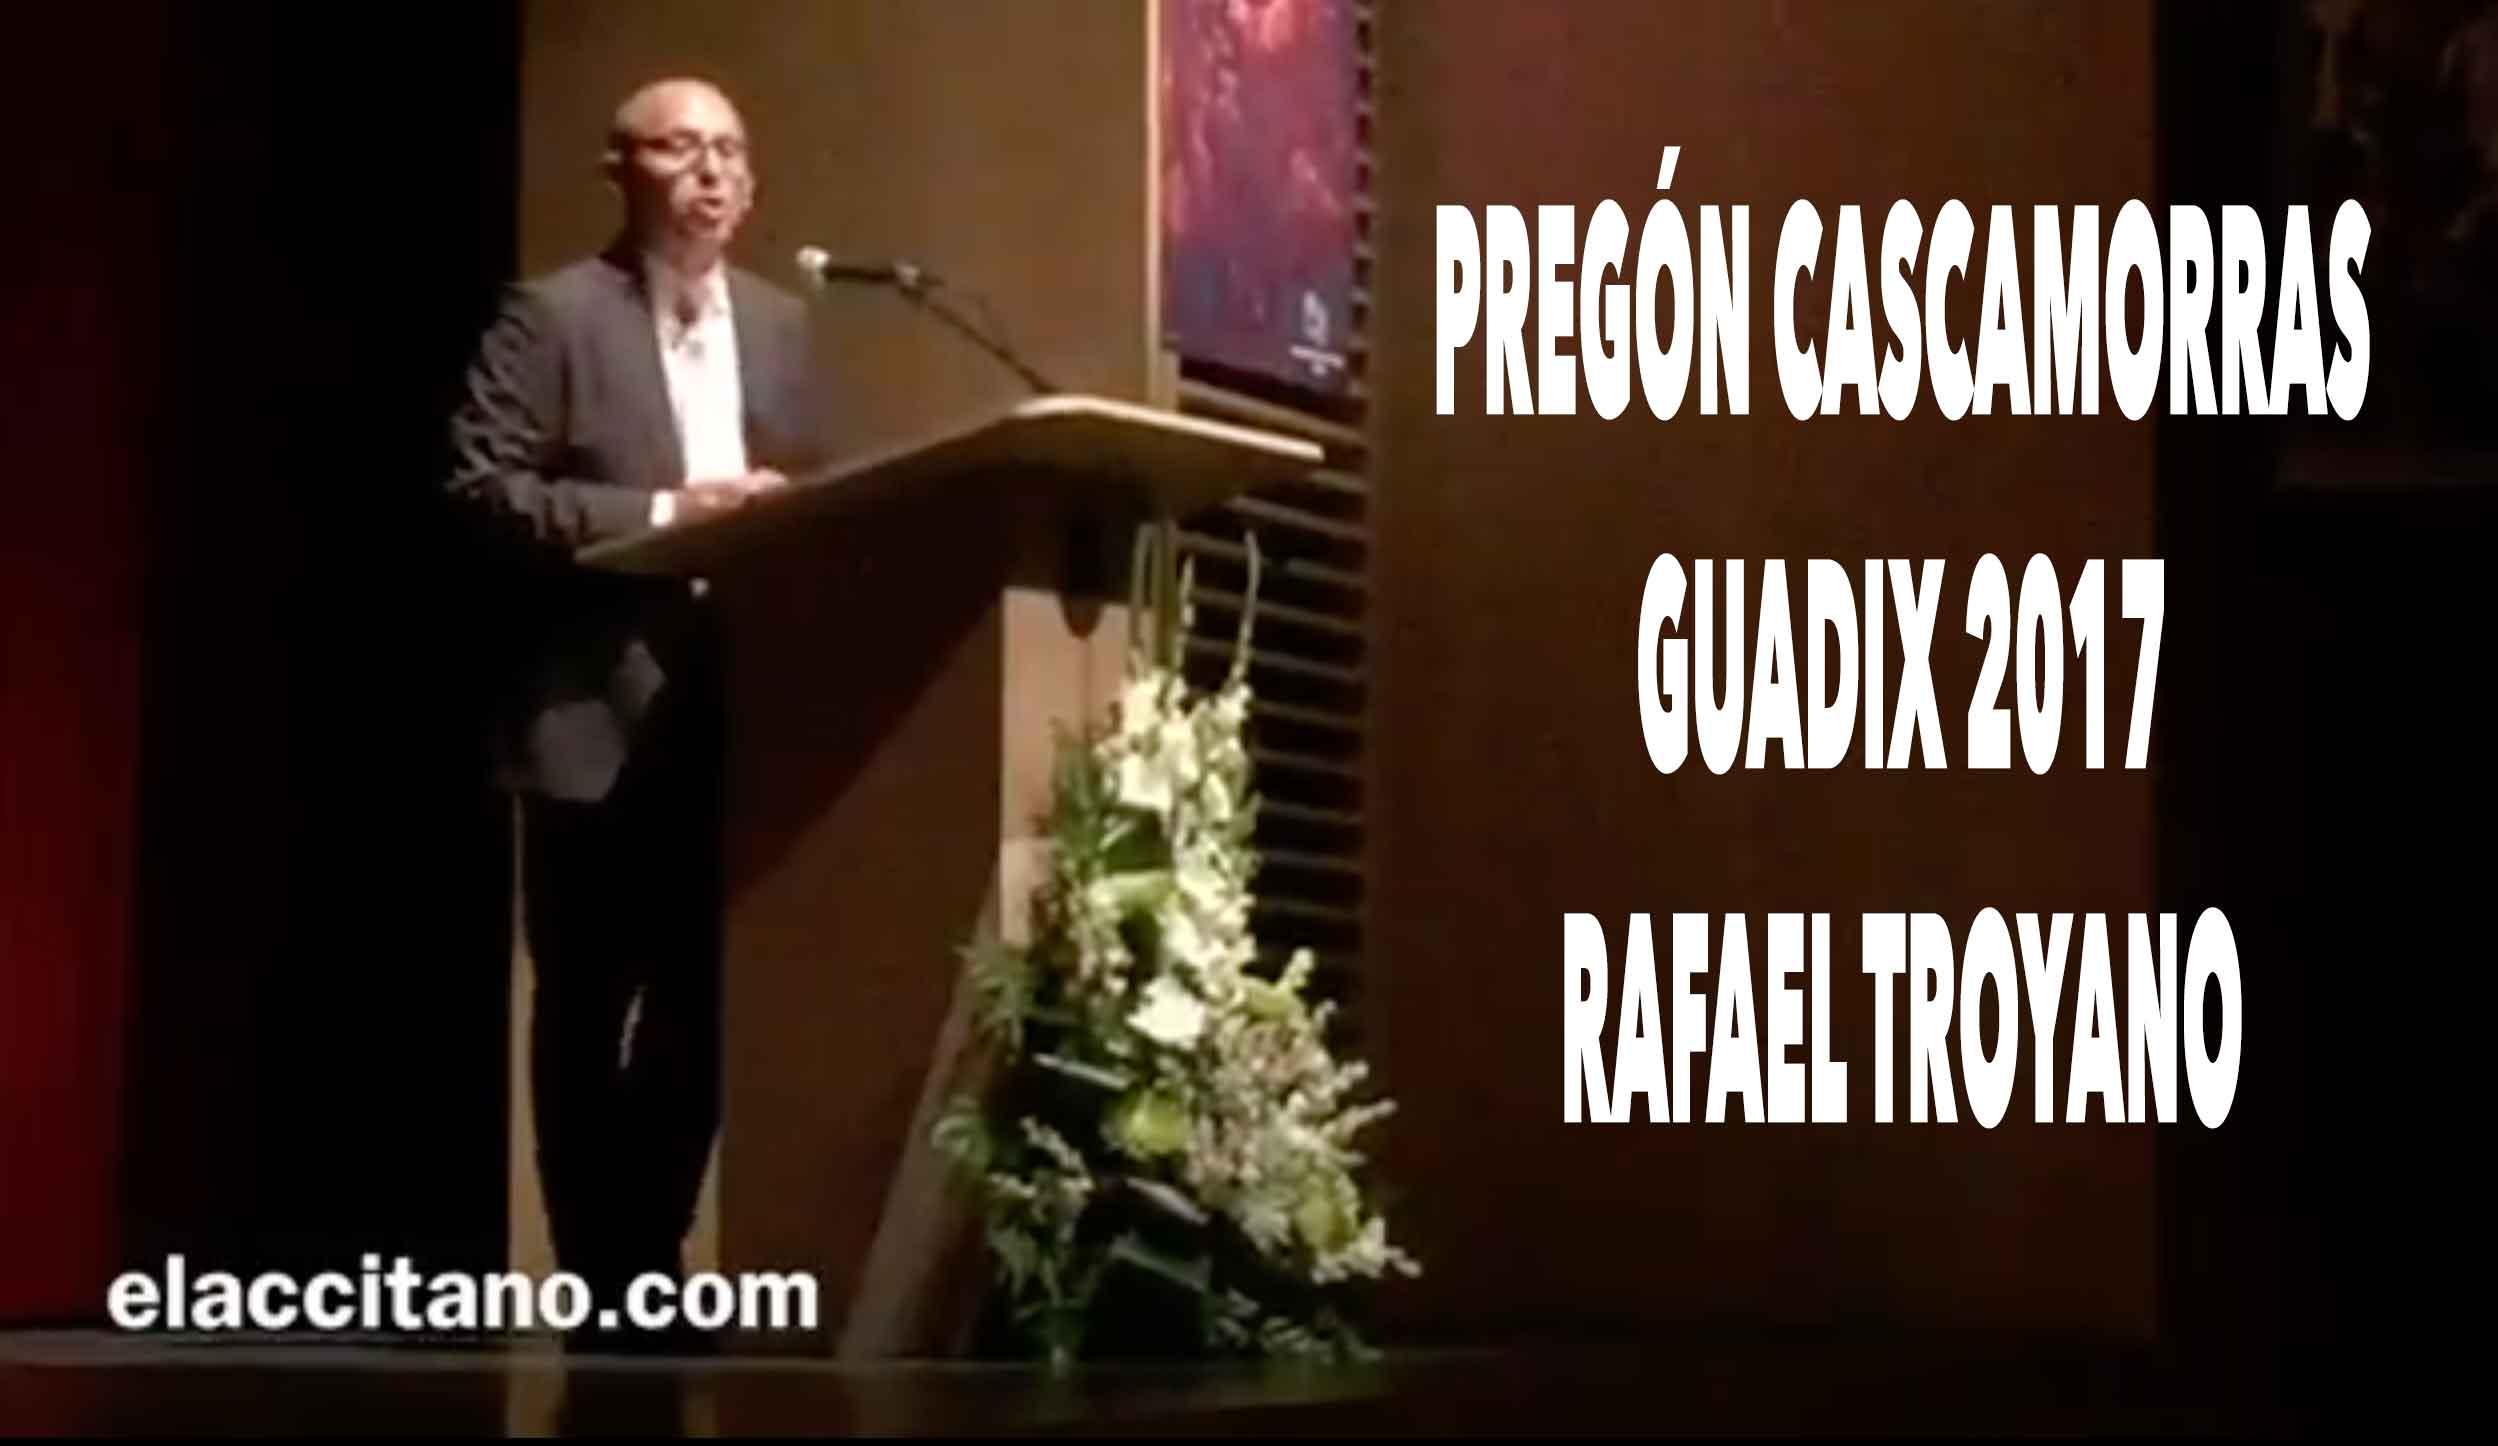 Pregón Cascamorras 2017